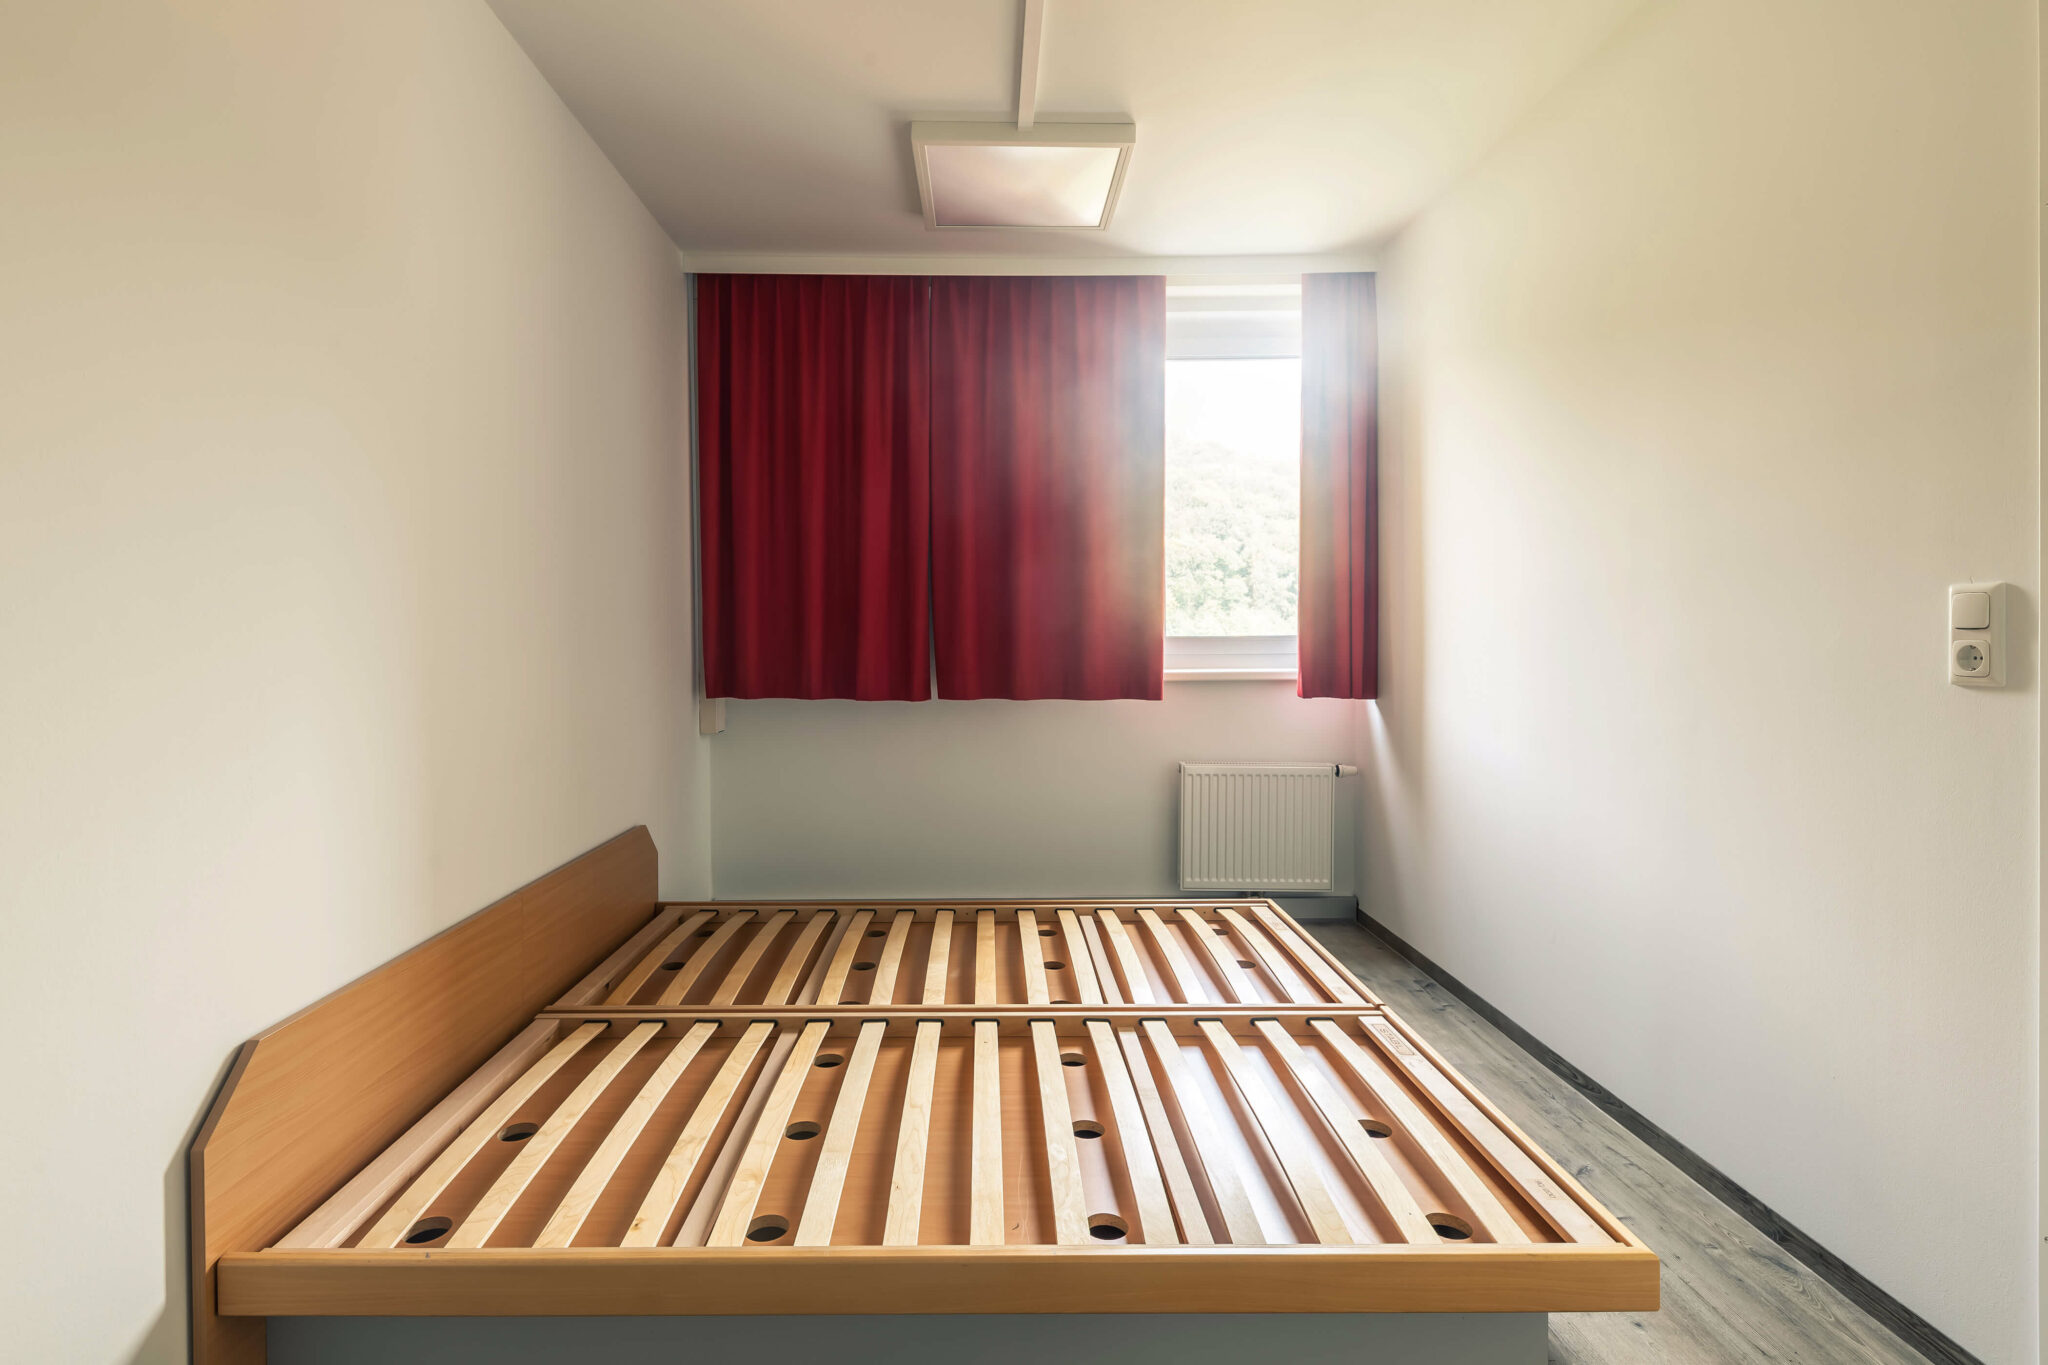 WIST_Wohnen_fuer_Studierende_2021_Barbara_Paarwohnung_Schlafzimmer